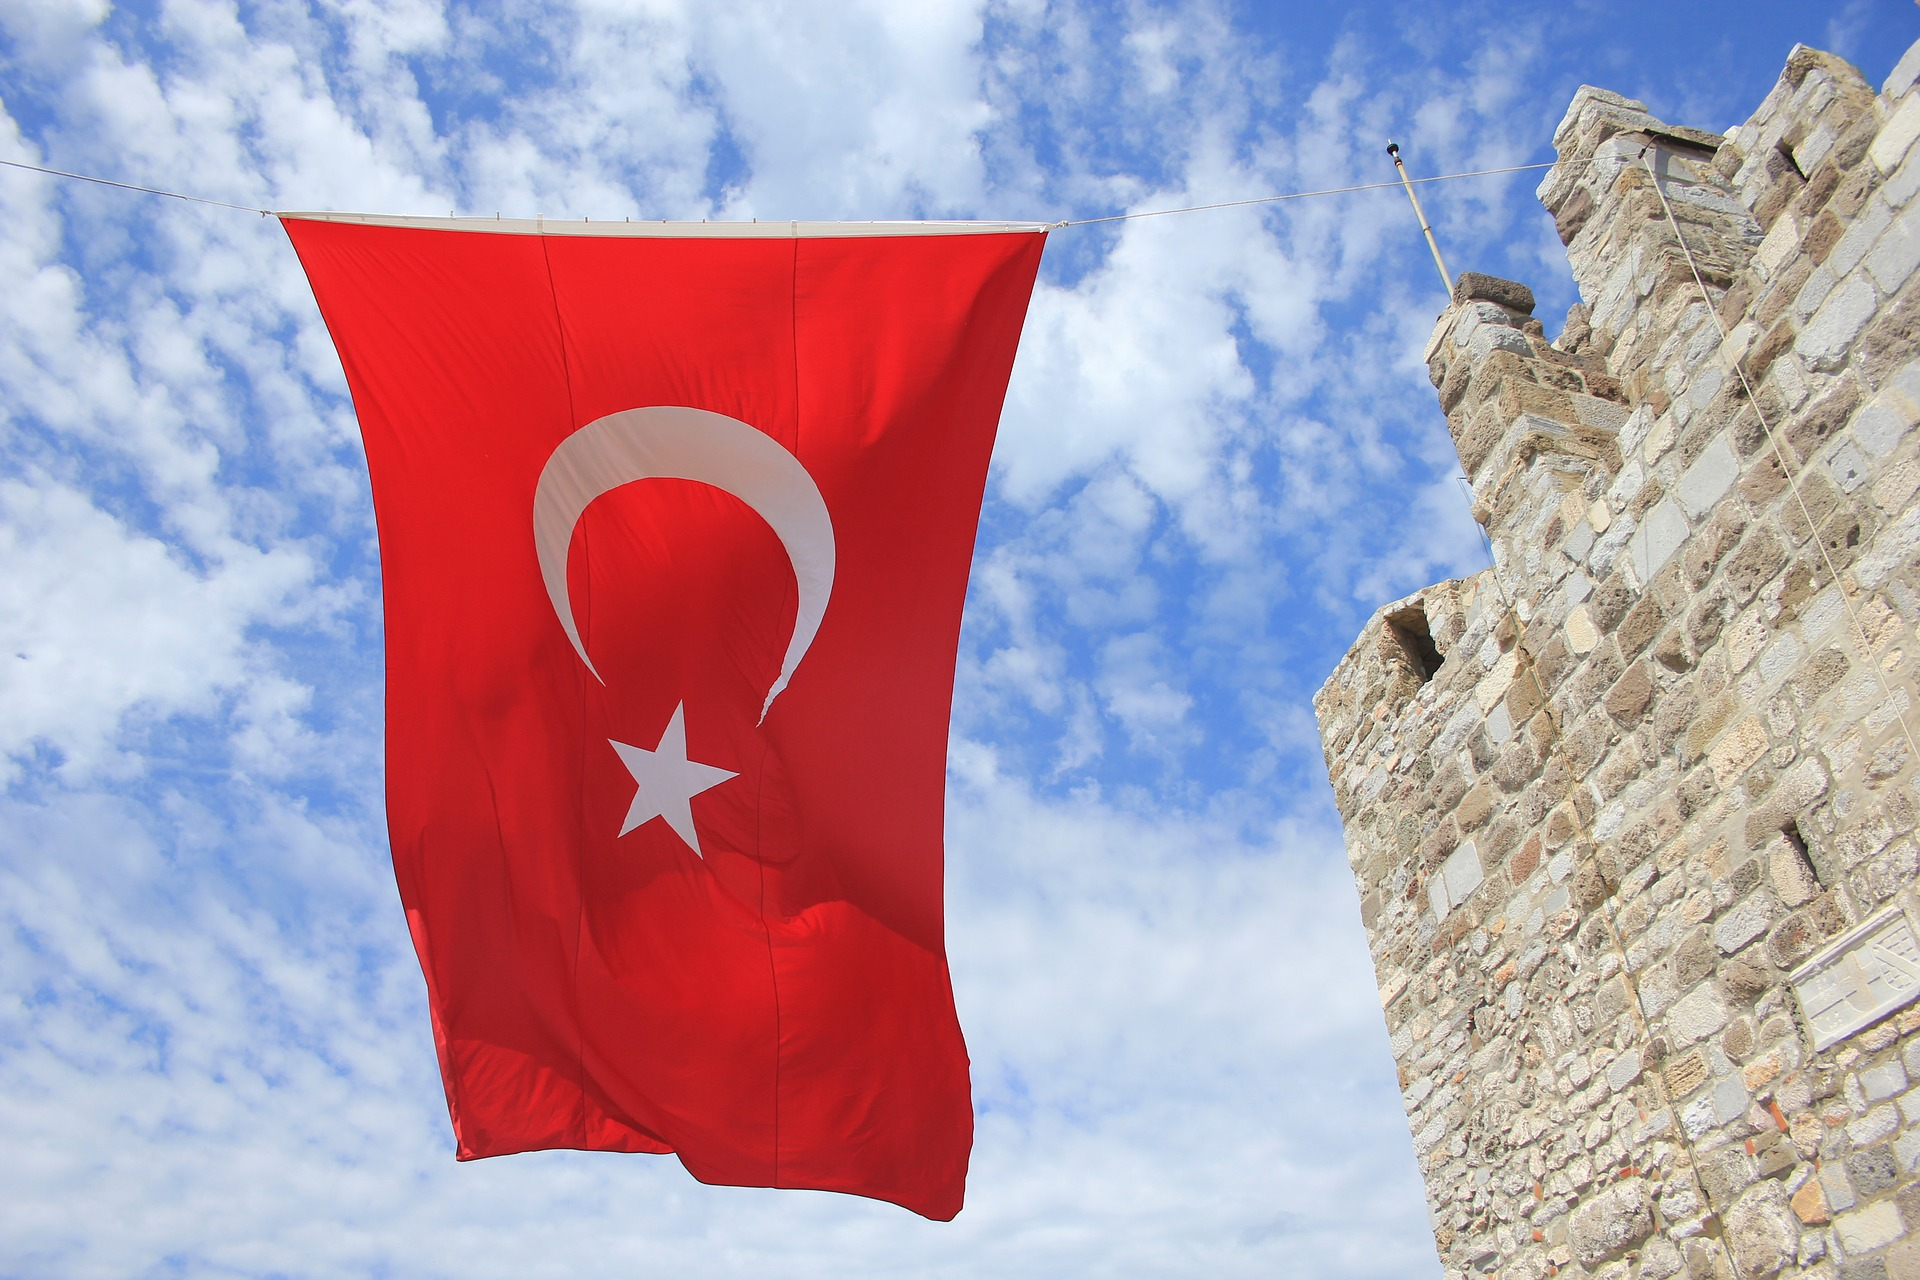 🇹🇷 Центральний банк Туреччини випустить CBDC впродовж двох років